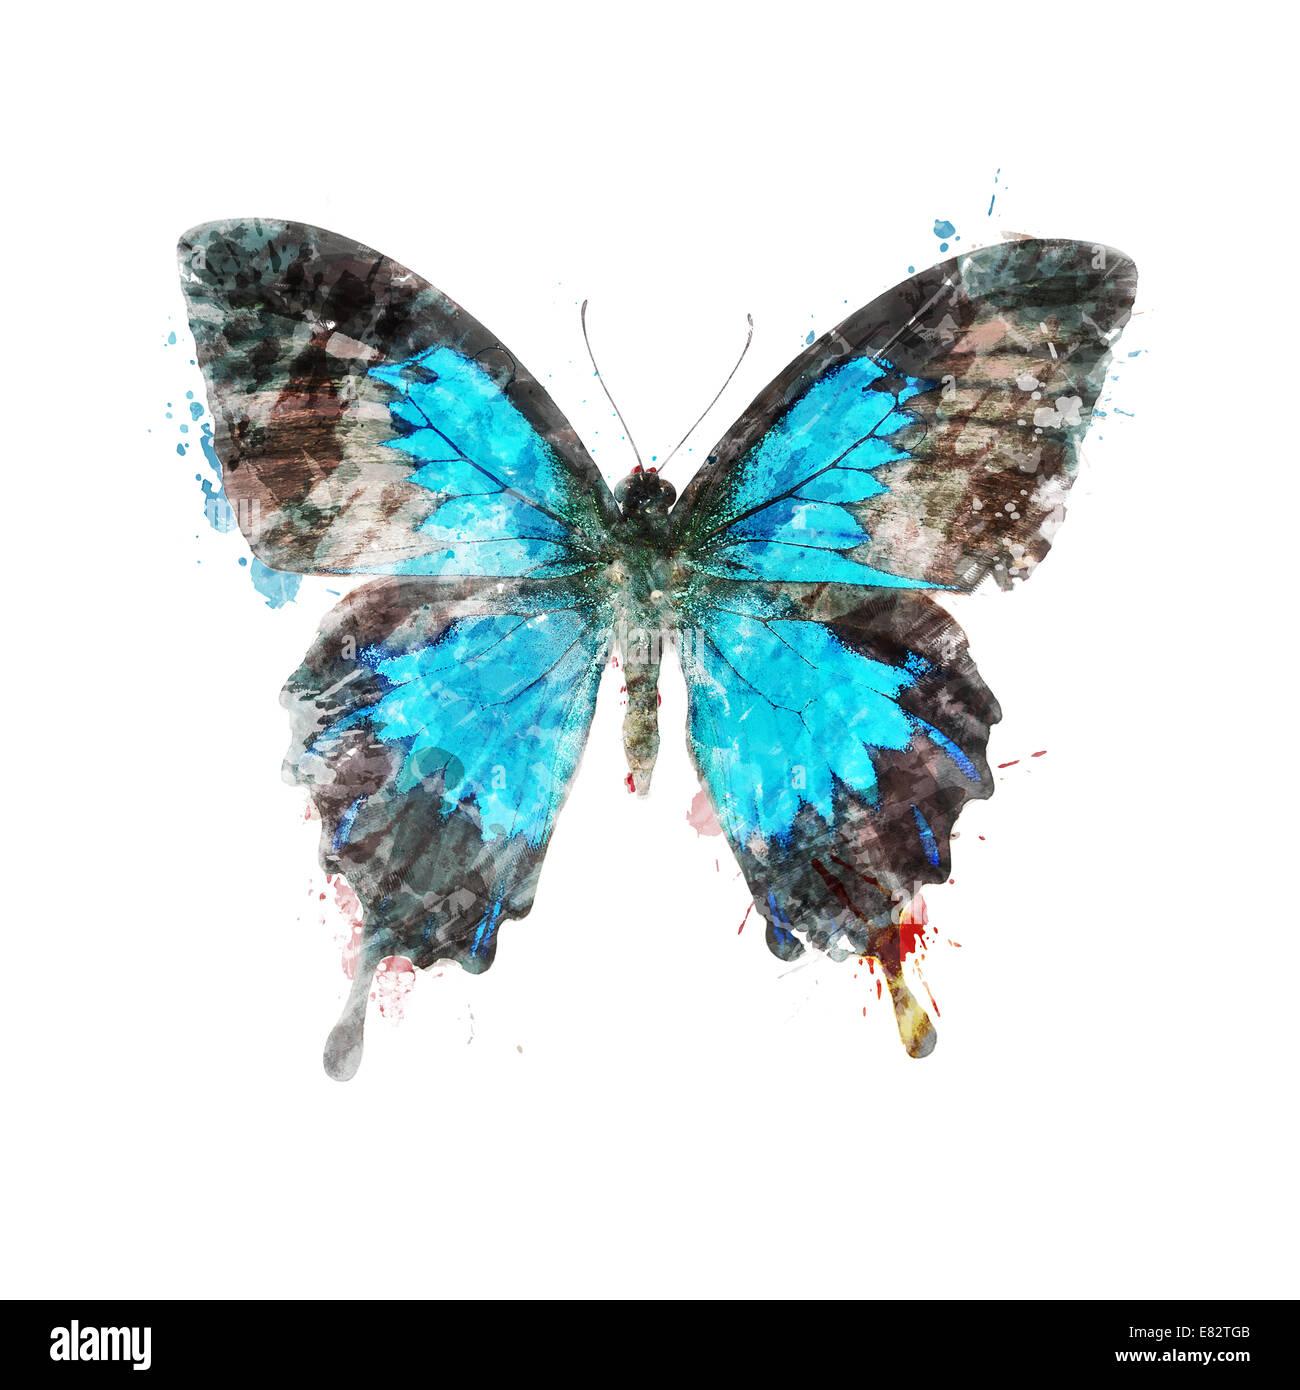 Acquerello la pittura digitale di farfalle tropicali Immagini Stock